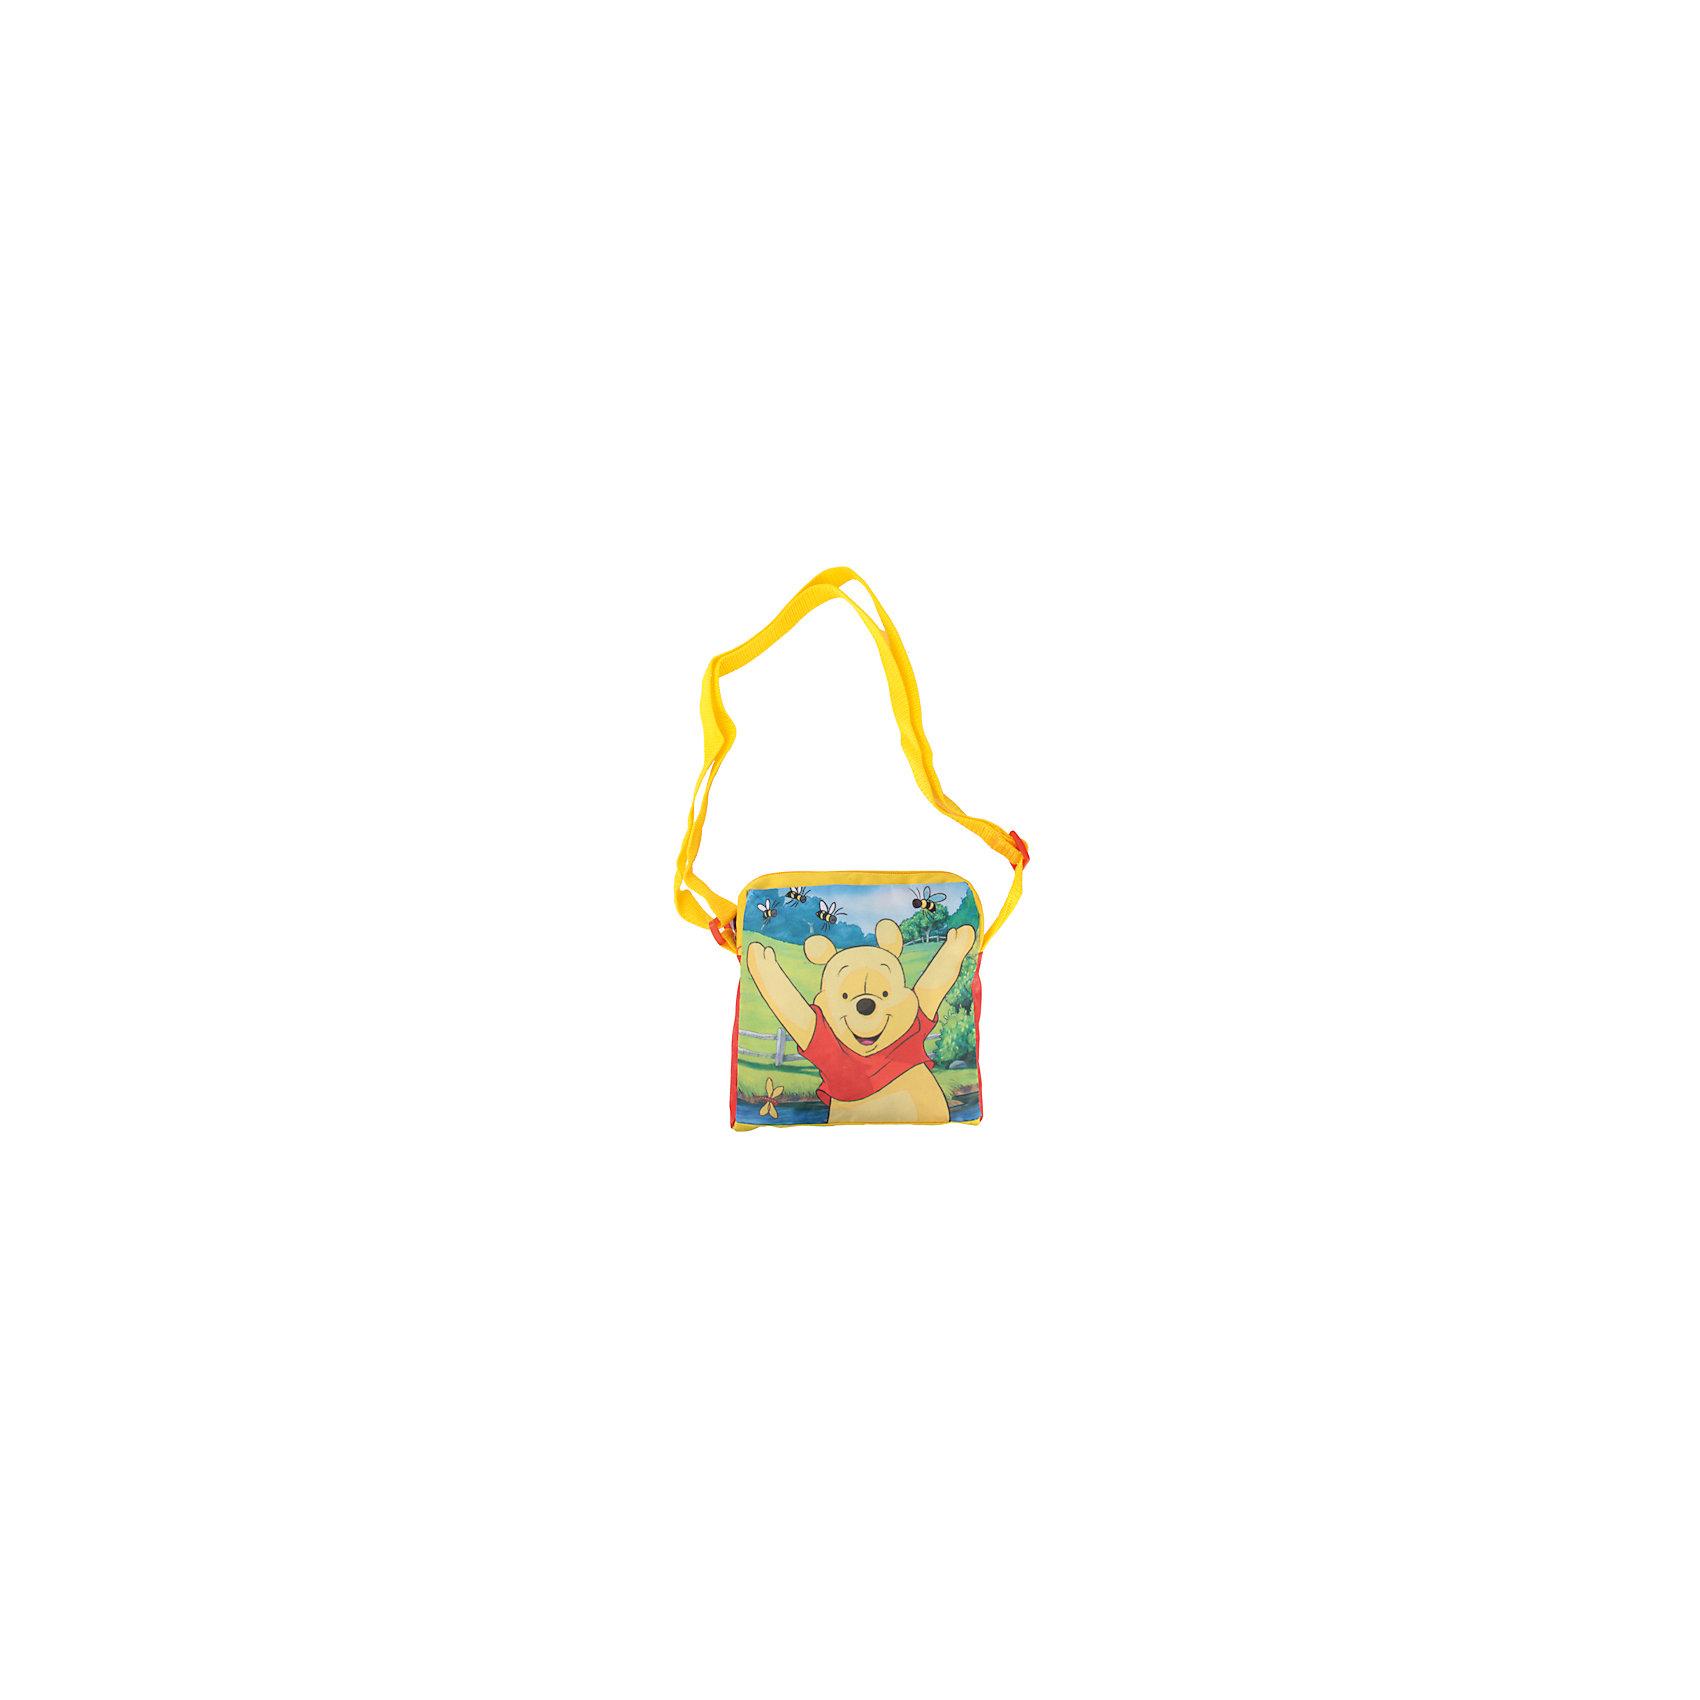 Сумка через плечо Винни ПухСумка через плечо Винни Пух - удобная и практичная сумочка, которая прекрасно подойдет для прогулок или детского сада. Сумка выполнена из водоотталкивающего прочного и качественного материала. Имеет привлекательный дизайн с яркой красно-желтой расцветкой и красочным изображением популярного медвежонка из диснеевских мультфильмов. Сумочка закрывается на застежку-молнию, внутри одно просторное отделение, куда можно положить все необходимые принадлежности и аксессуары. Для ношения через плечо предусмотрен широкий регулируемый ремешок.  <br><br>Дополнительная информация:<br><br>- Материал: текстиль.<br>- Размер: 18 х 5,5 х 18 см.<br>- Вес: 110 гр.<br><br>Сумку через плечо Винни Пух, Играем Вместе, можно купить в нашем интернет-магазине.<br><br>Ширина мм: 484<br>Глубина мм: 484<br>Высота мм: 4<br>Вес г: 110<br>Возраст от месяцев: 48<br>Возраст до месяцев: 96<br>Пол: Унисекс<br>Возраст: Детский<br>SKU: 4637660